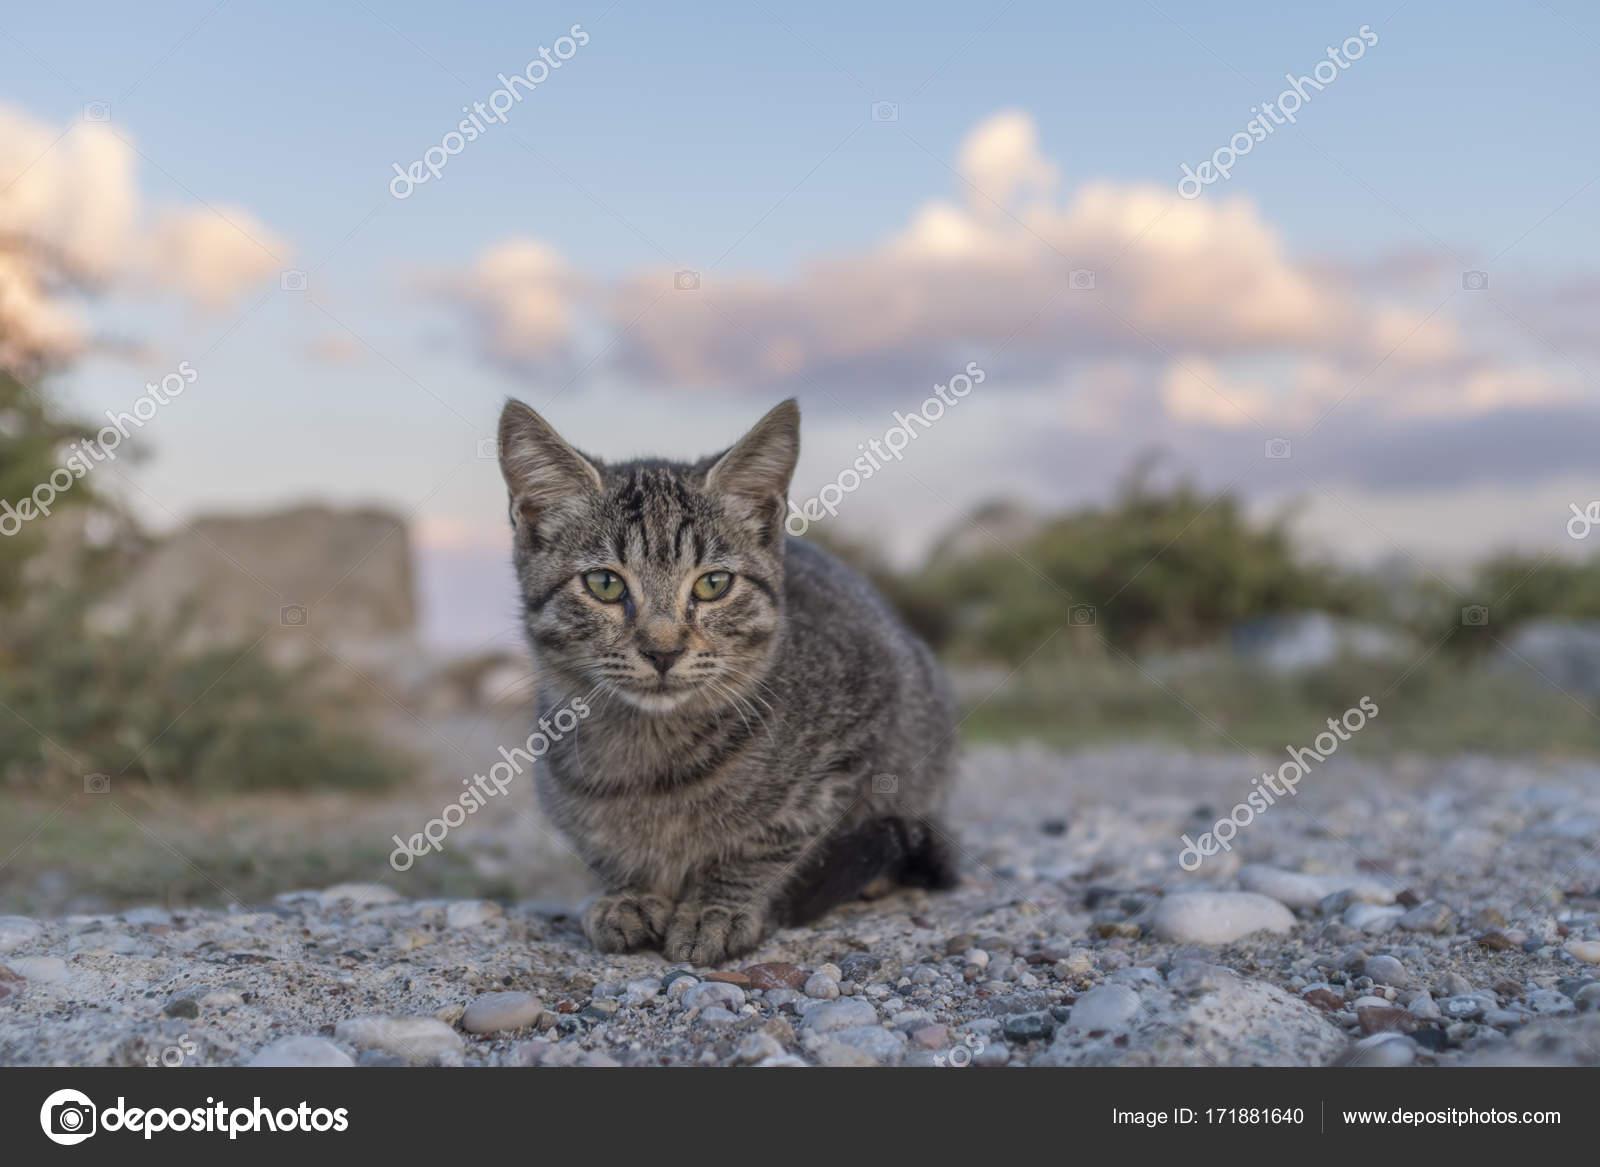 7c4fd225ff54 Παρόμοιες royalty-free εικόνες  Άστεγο γάτα στην προκυμαία granit στην  Κωνσταντινούπολη Φωτογραφία Αρχείου